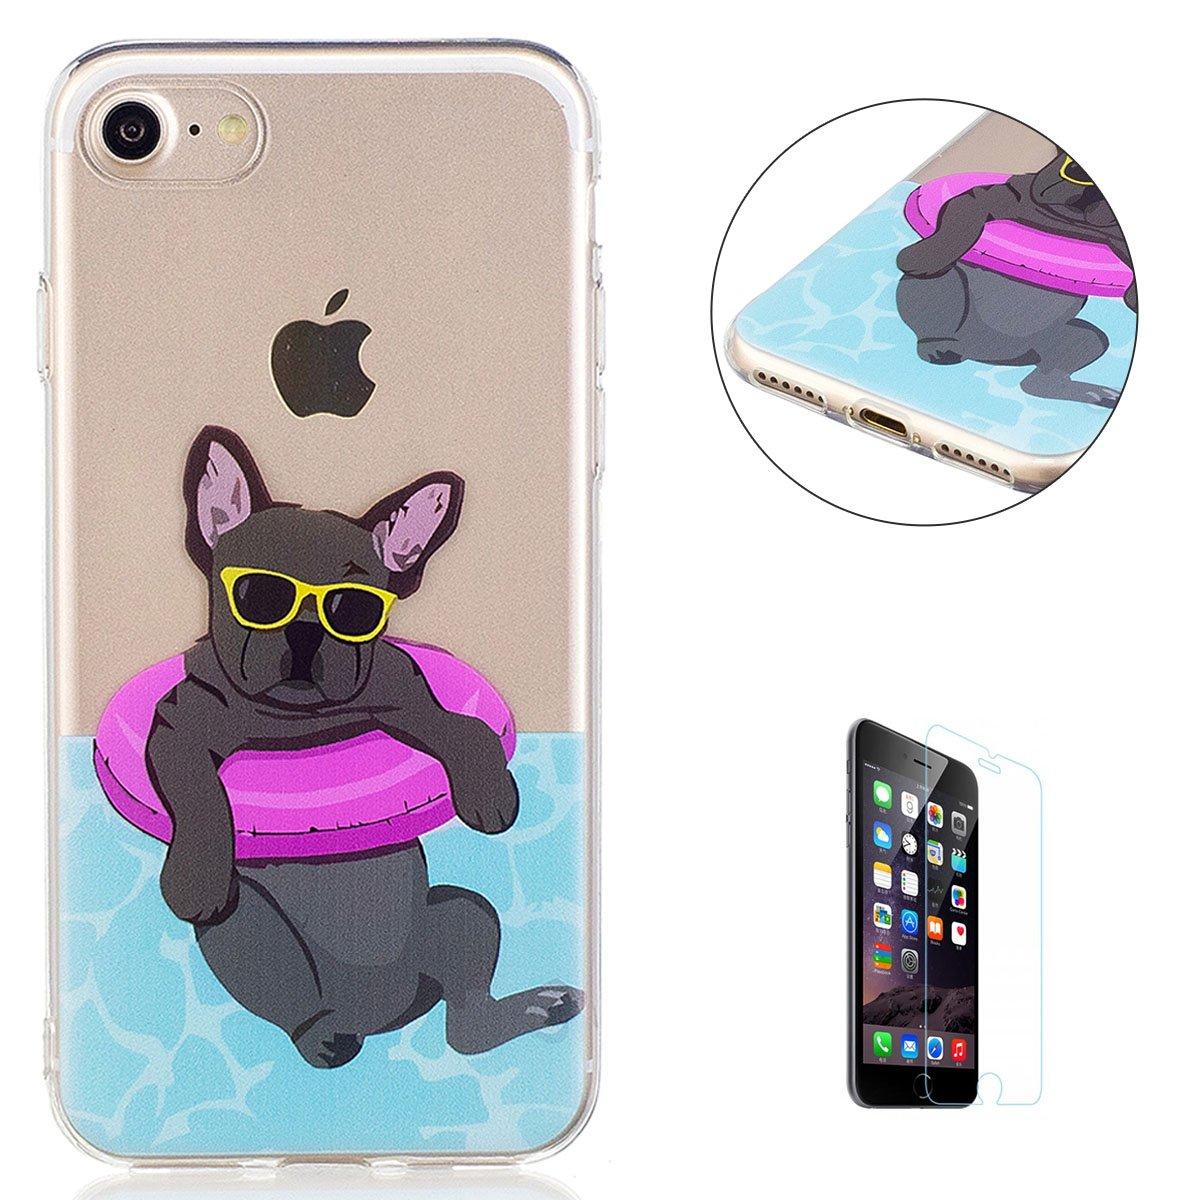 KaseHom Case for iPhone 7/iPhone 8 4.7 Custodia in gel di Silicone Premio(Gratuito Proteggi schermo)Trasparente Flessibile Antiurto Cancellare TPU Colorato Dipinto Modell-Cane bianco CaseHome CHIP7-194546